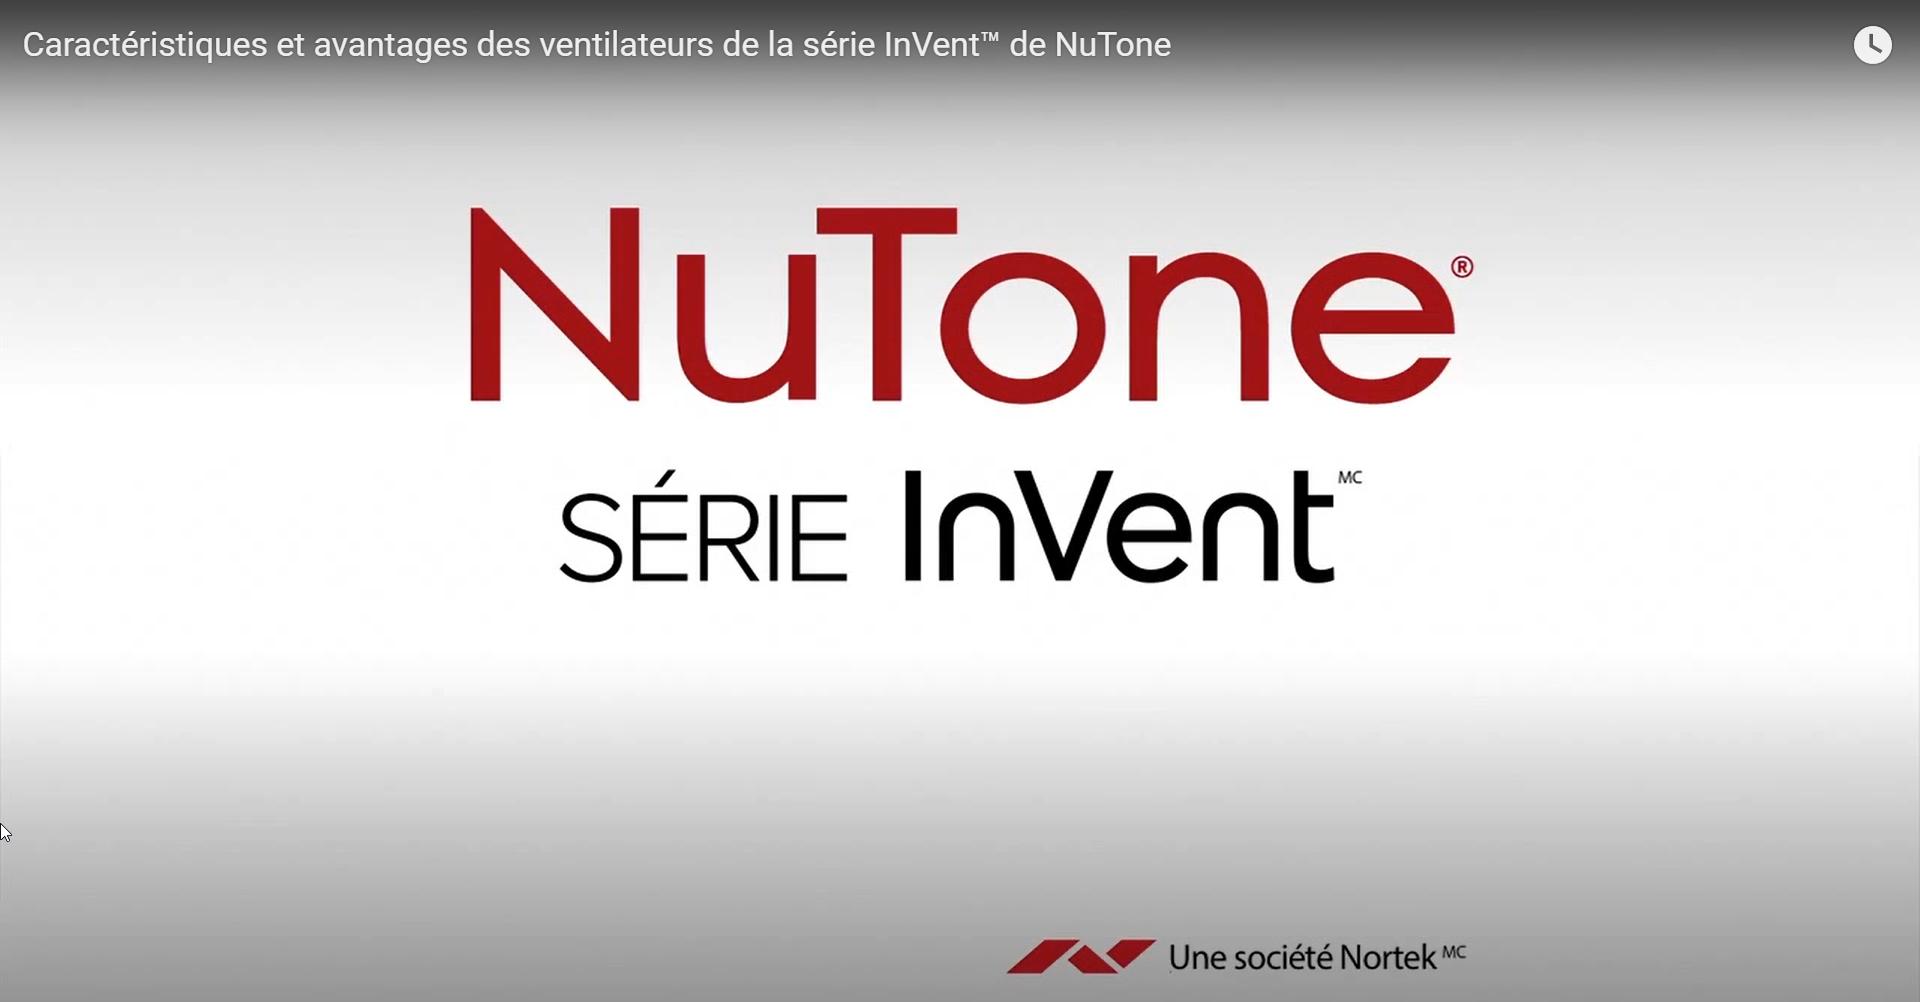 Caractéristiques et avantages des ventilateurs de la série InVent™ de NuTone